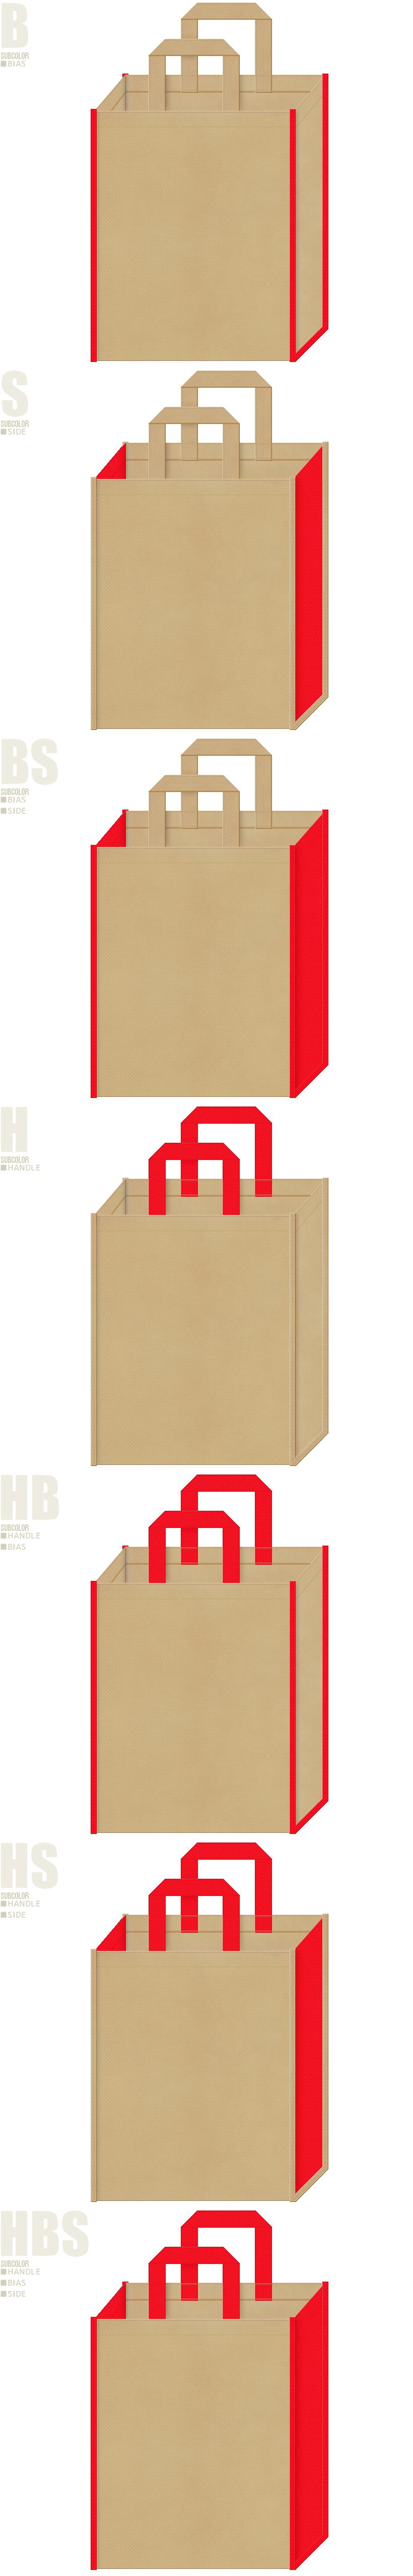 むかし話・赤鬼・節分・大豆・一合枡・和風催事にお奨めの不織布バッグデザイン:カーキ色と赤色の配色7パターン。